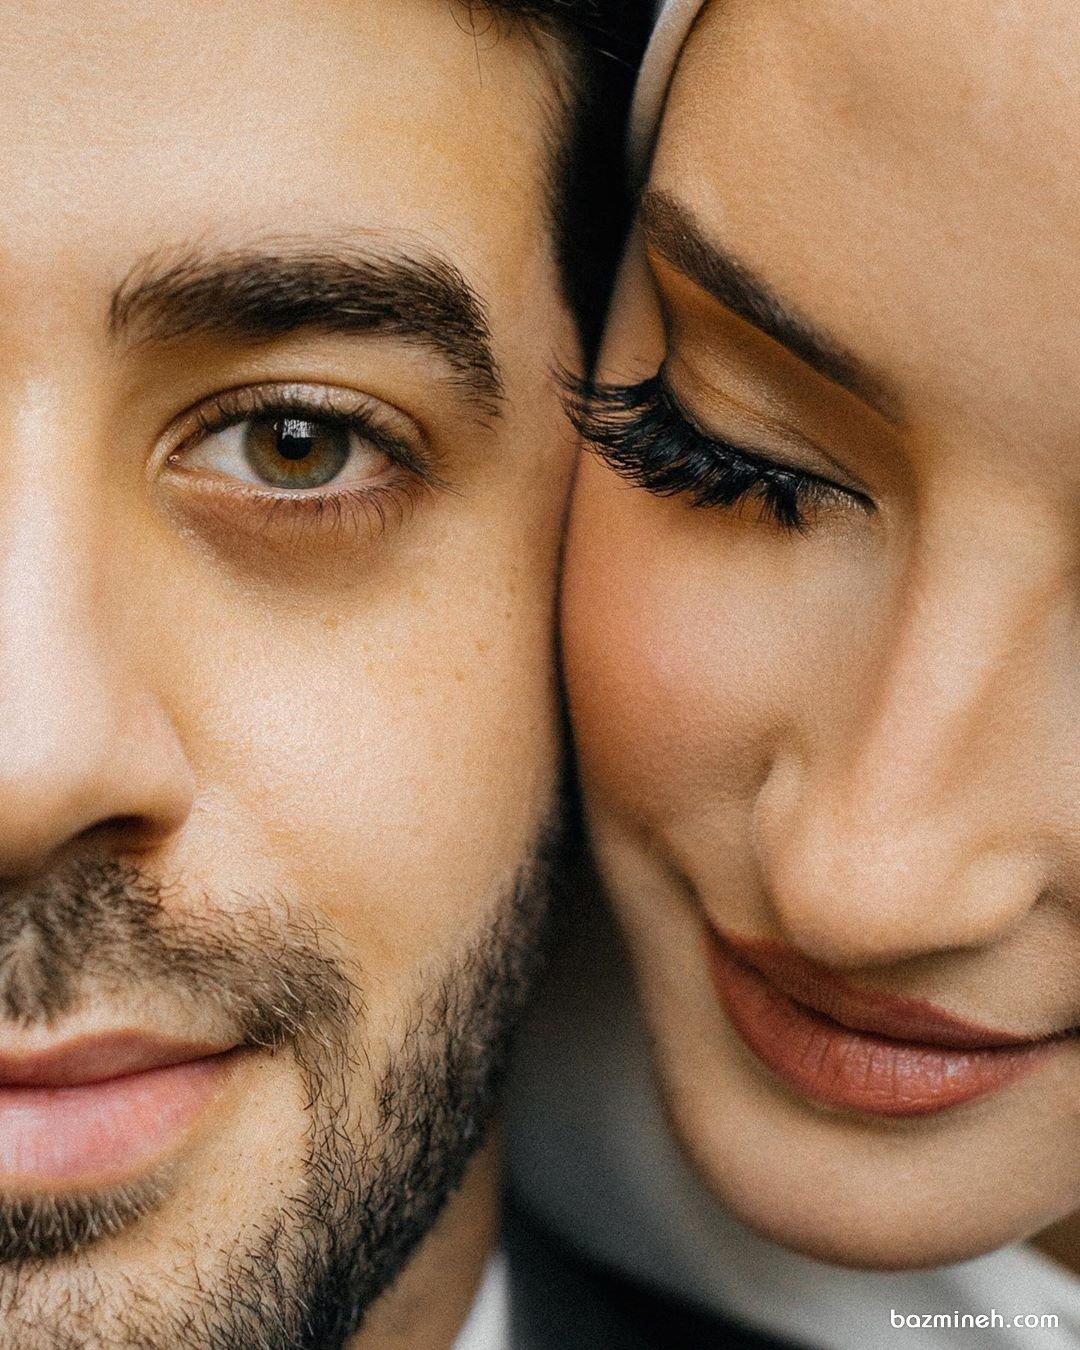 دوره های آموزشی ضروری برای داشتن یک رابطه عاطفی صحیح